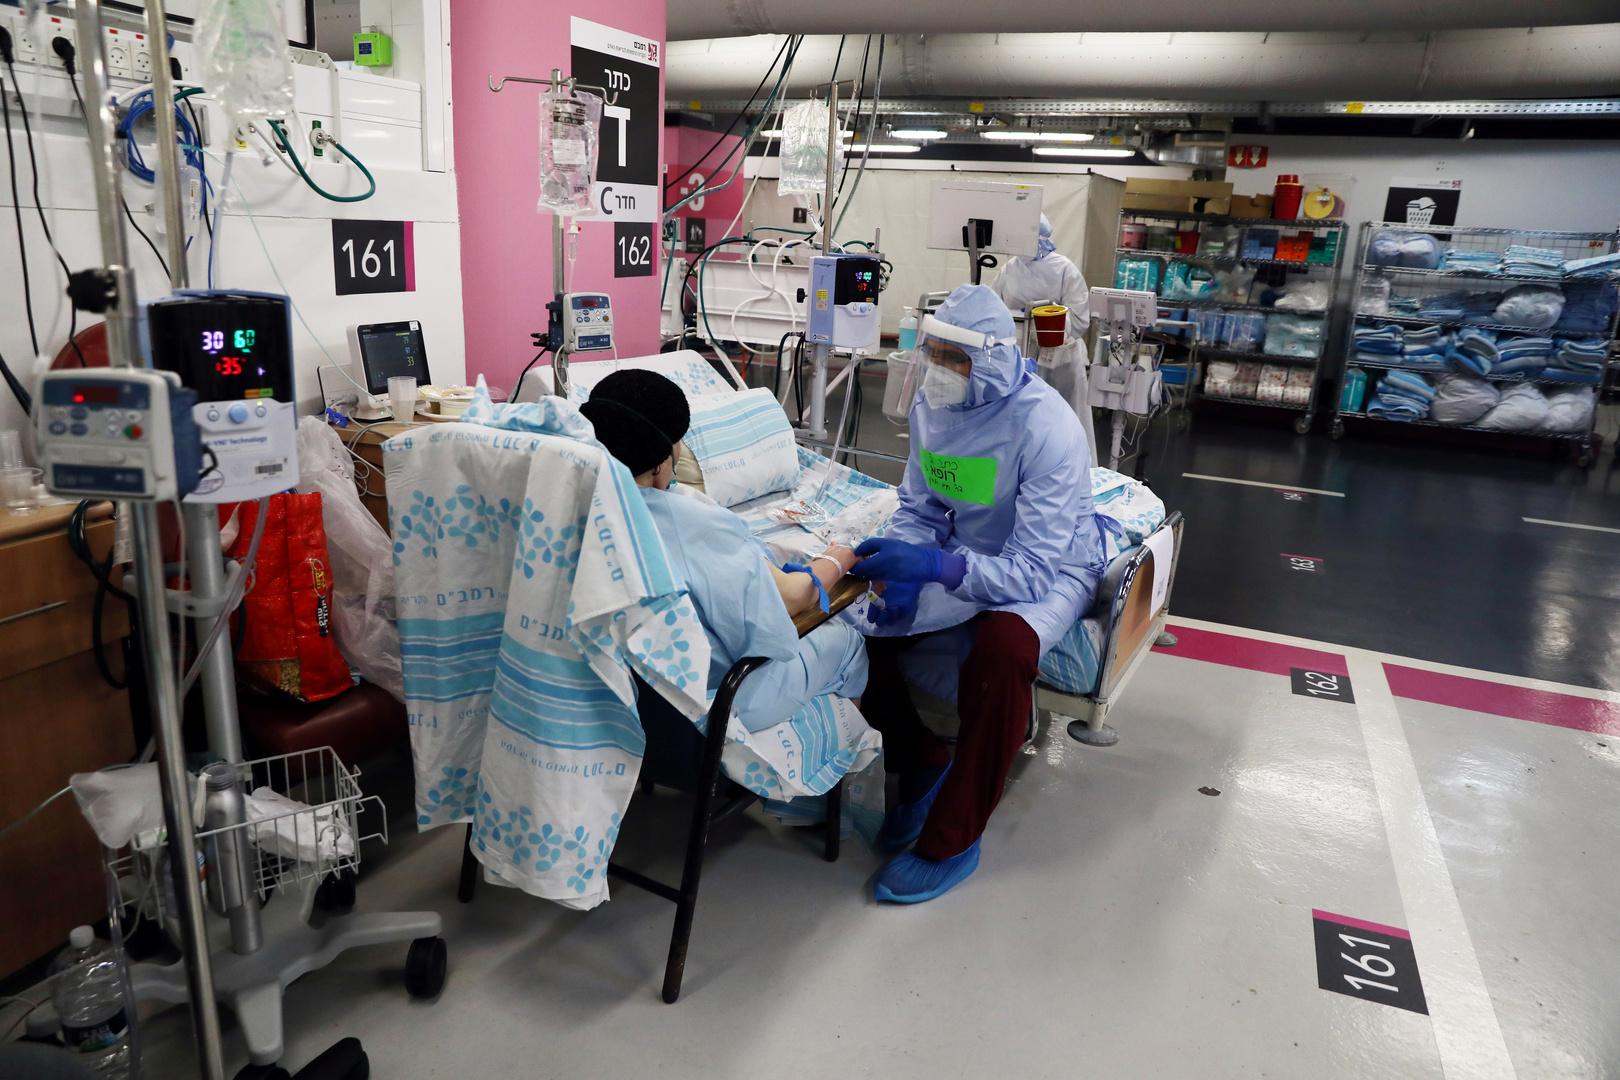 إسرائيل.. حصيلة وفيات كورونا تصل إلى 1600 شخص